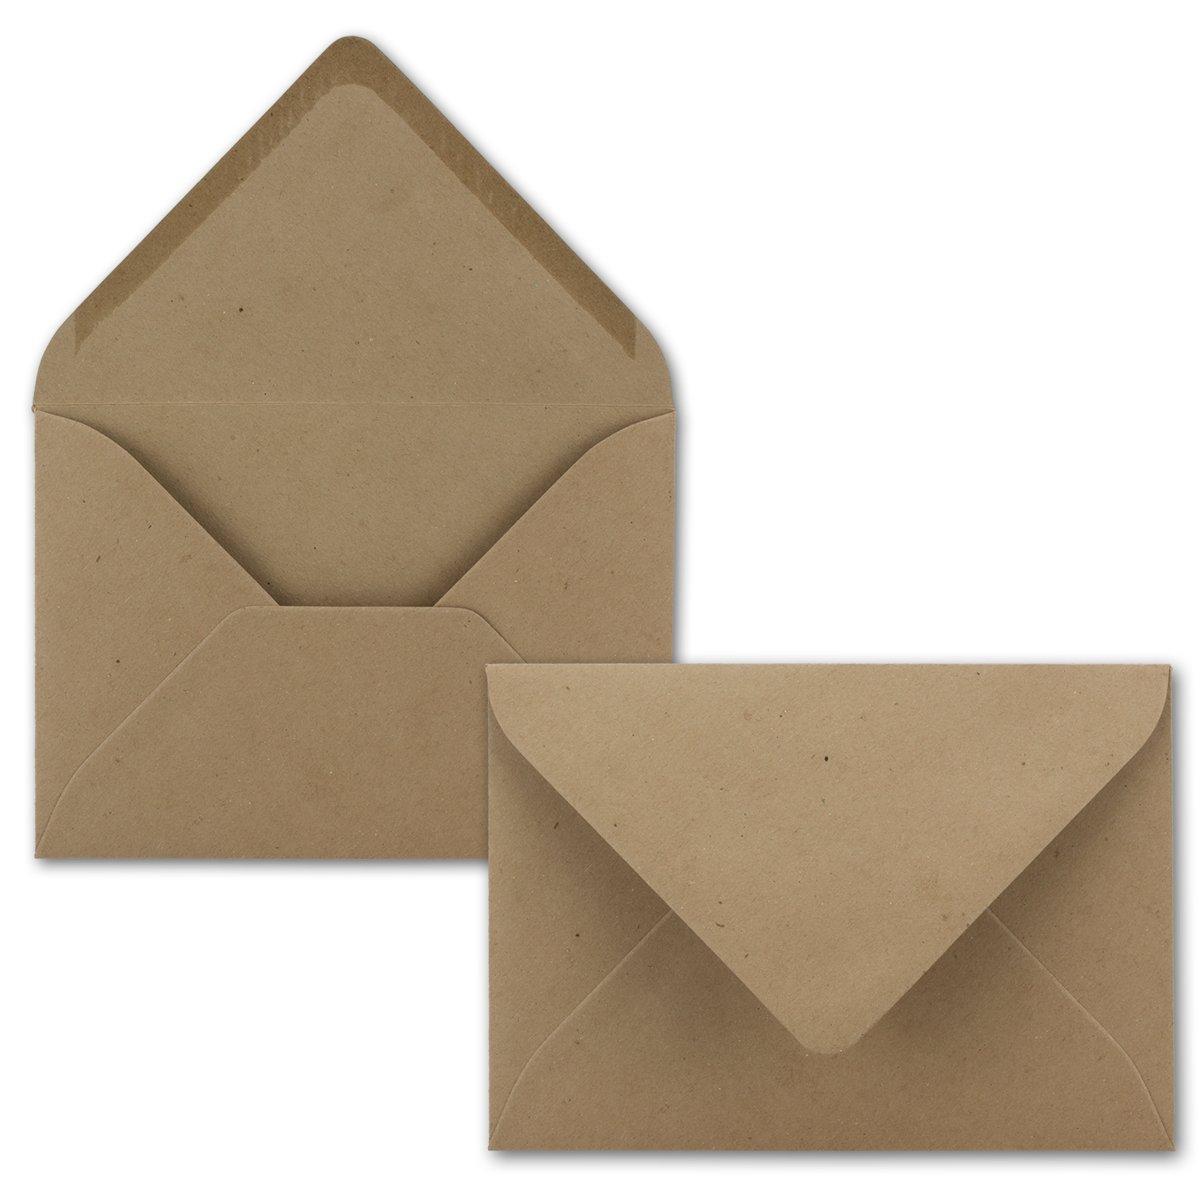 200x Stück Karte-Umschlag-Set Einzel-Karten Din A7 10,5x7,3 10,5x7,3 10,5x7,3 cm 240 g m² Dunkelgrün mit Brief-Umschlägen C7 Nassklebung ideale Geschenkanhänger B07MQ4T5GM | Nicht so teuer  85b2f5